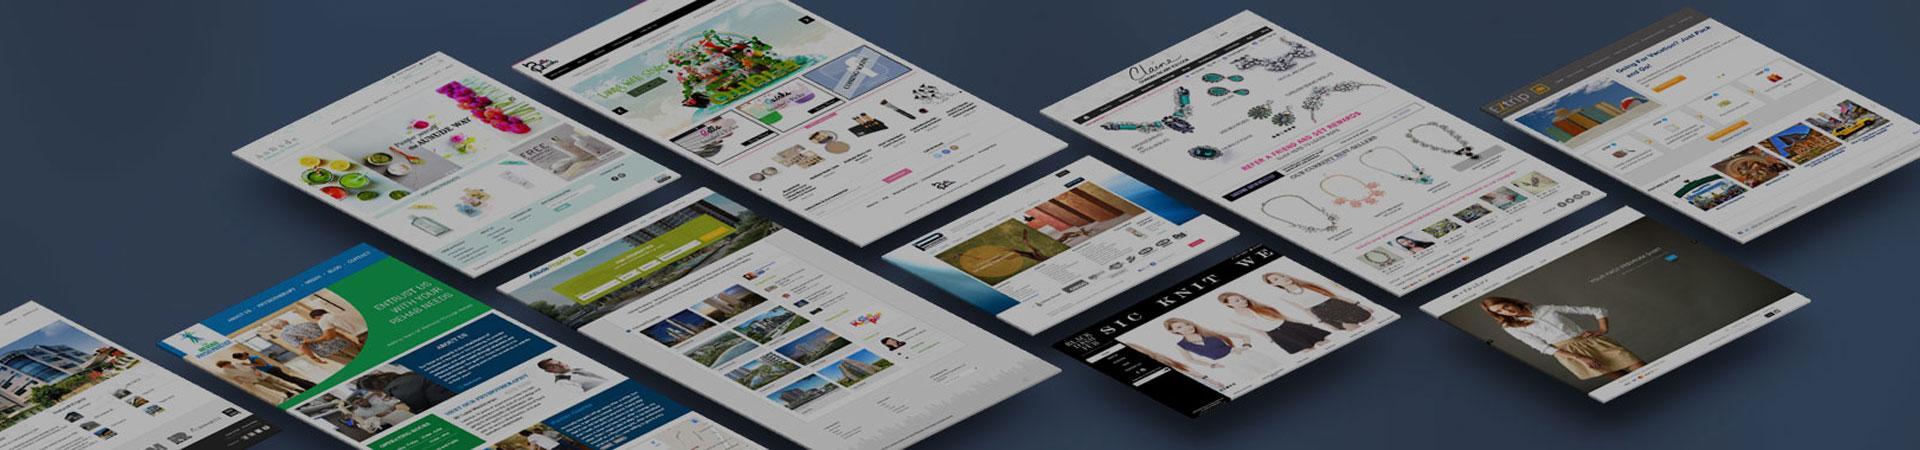 Website Design Singapore - SPACEZ